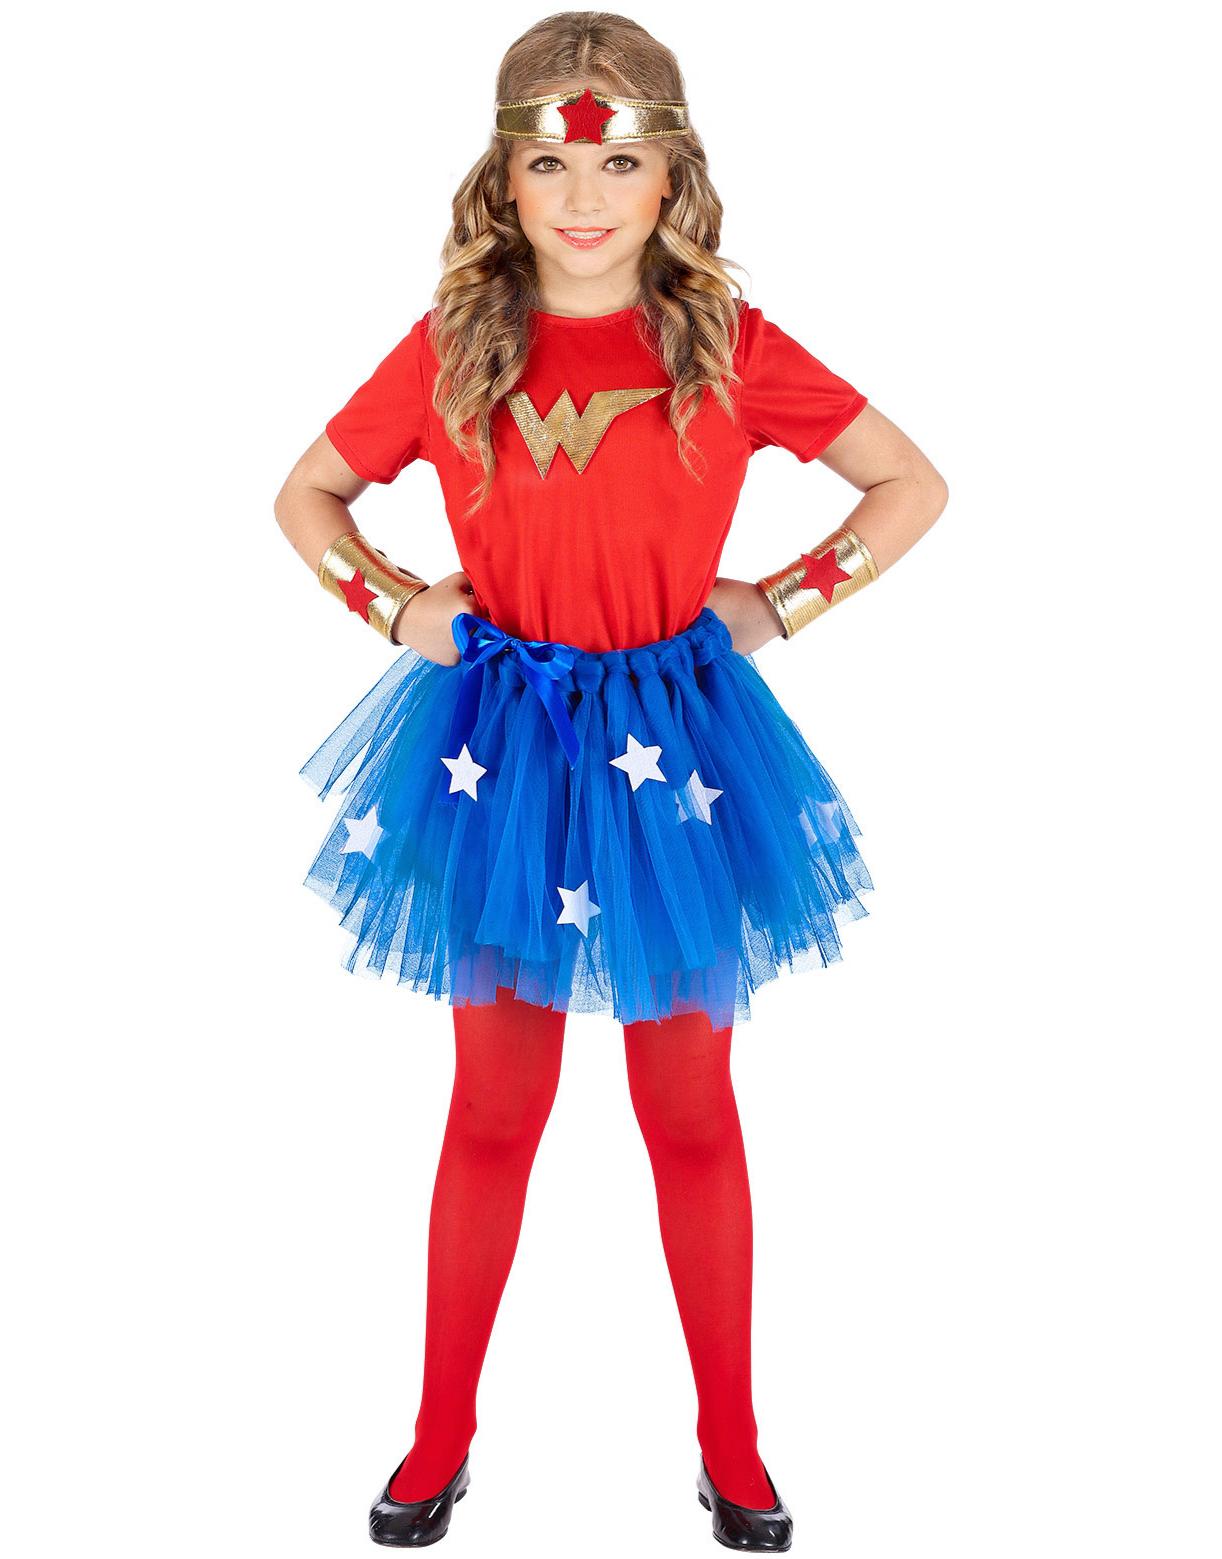 Wonder Woman Inspirert Kostyme til Barn Strl 3 4 ÅR